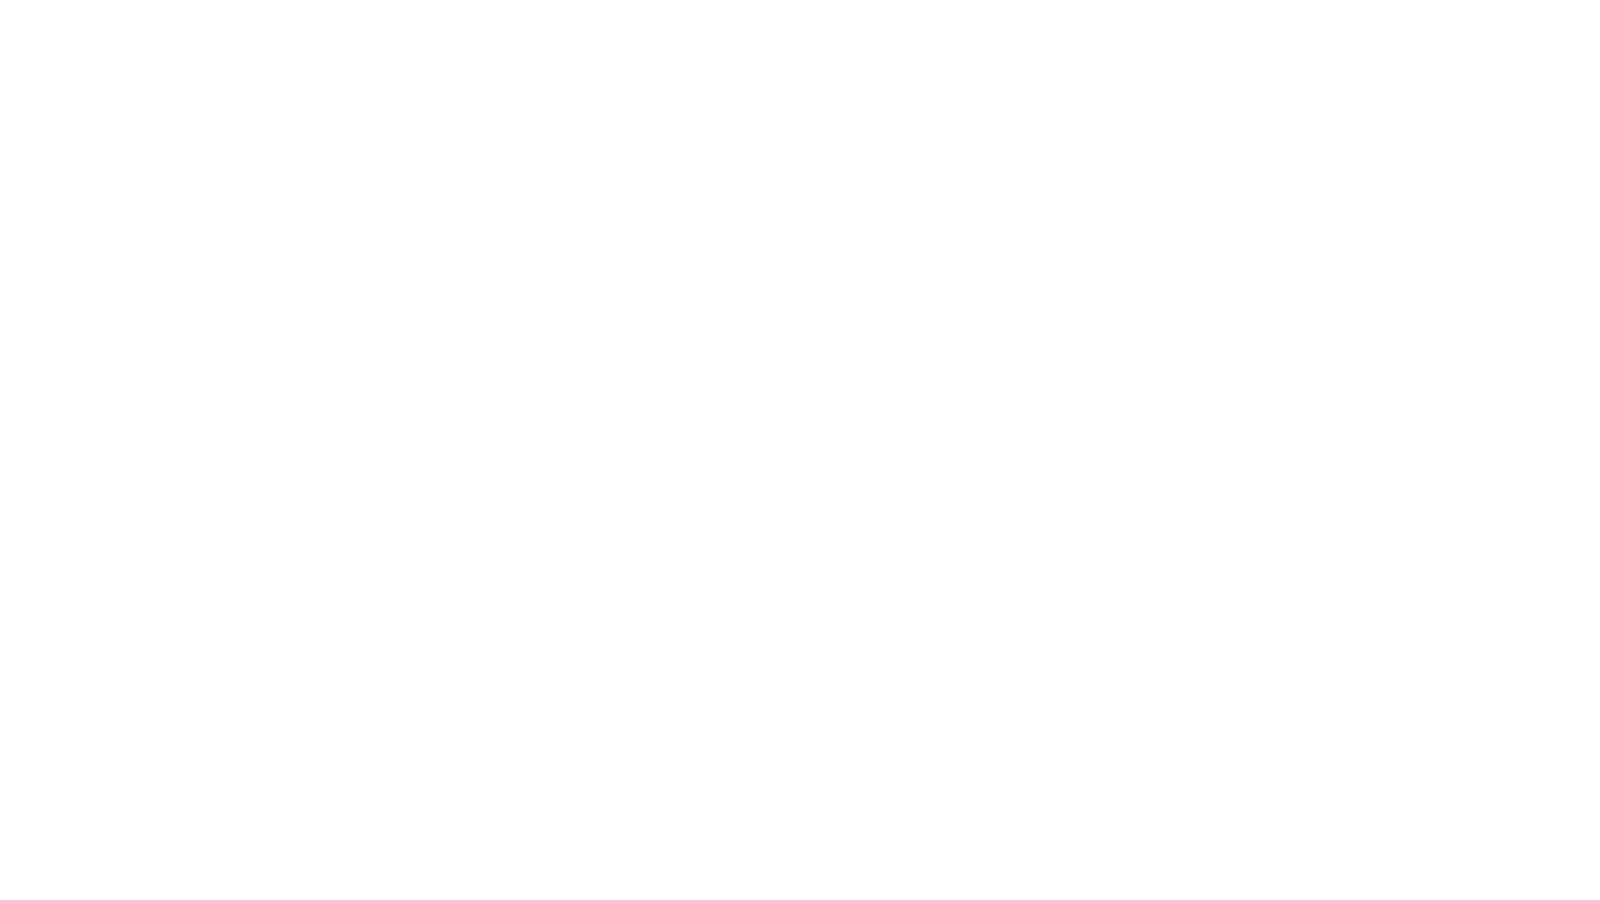 """Variações de balés de repertório apresentadas no espetáculo """"Na Sala"""", do Stúdio de Danças (Recife, PE). No vídeo, dançam as bailarinas, nesta ordem: Beatriz Gondra, Carol Lima, Brenda Schettini, Cecília Vilela, Rayssa Carvalho e Juliana Siqueira.  Direção artística: Luiz Roberto Imagens: André Ferreira Iluminação: Cleison Ramos  #NaPontadoPÉ #Balé"""